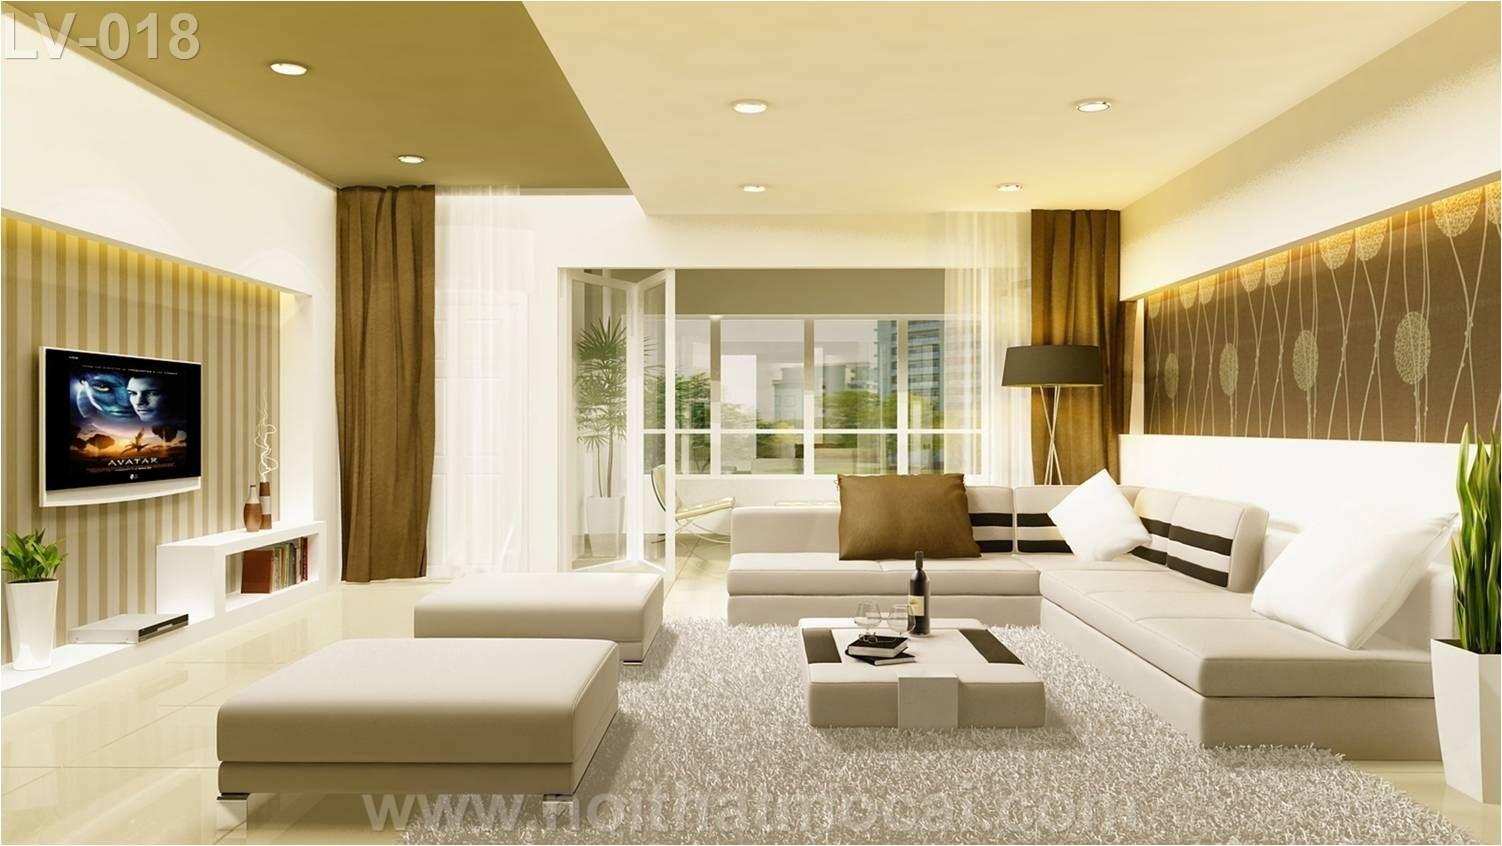 Bài trí các vật dụng đồ đạc trong phòng khách cần lưu tâm điều gì?